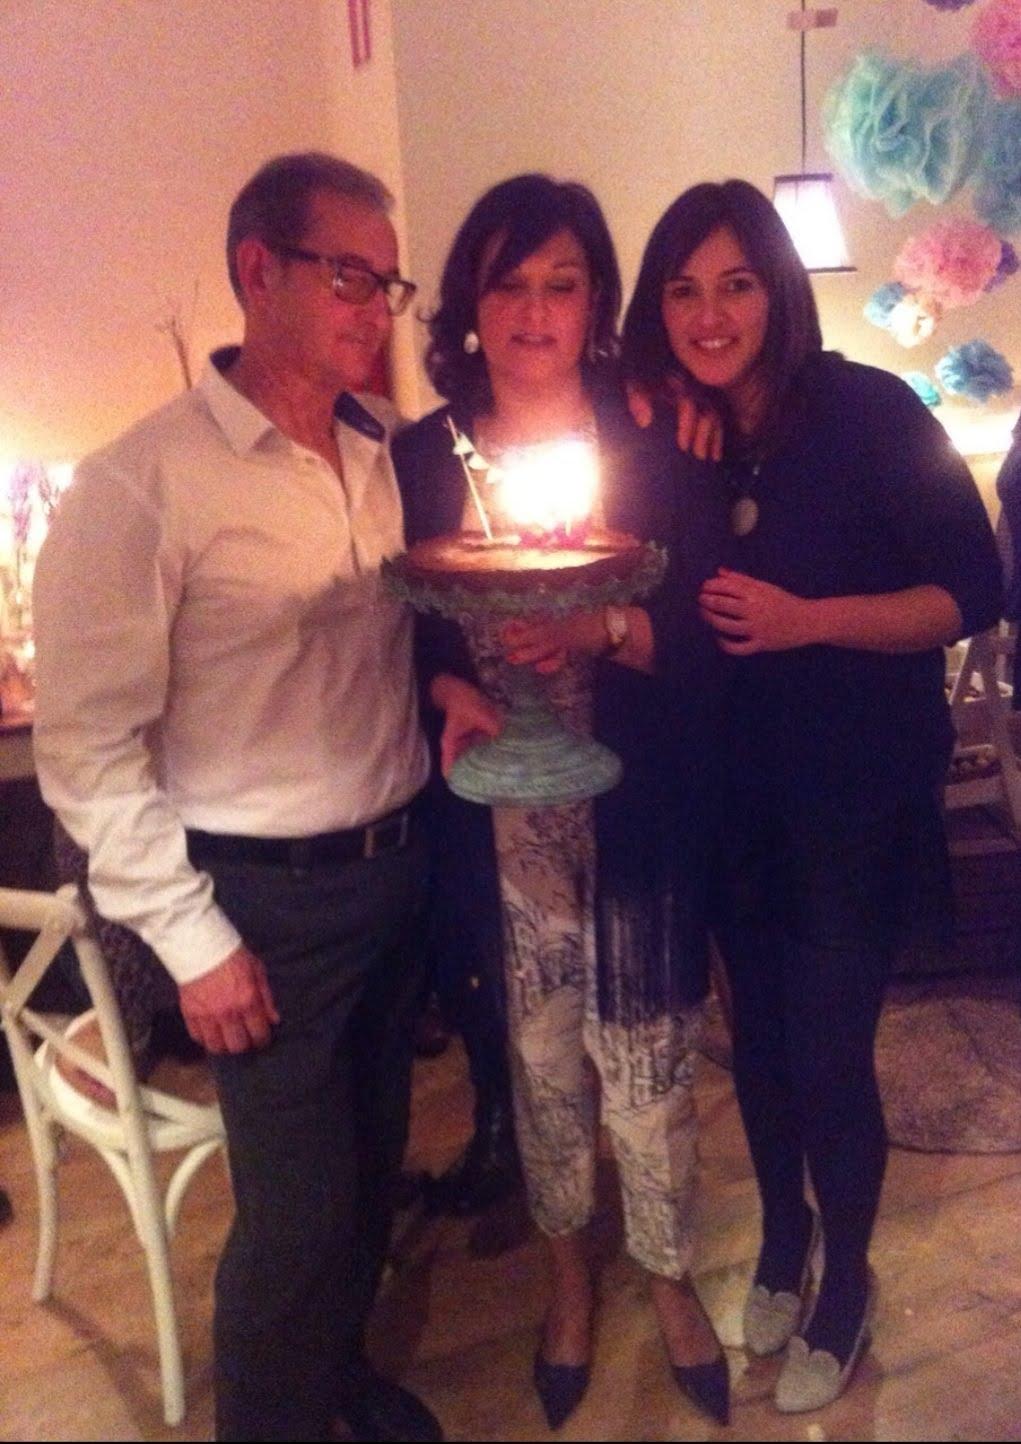 abuiela a la ultima con su marido y su hija soplando las velas de su cumpleaños